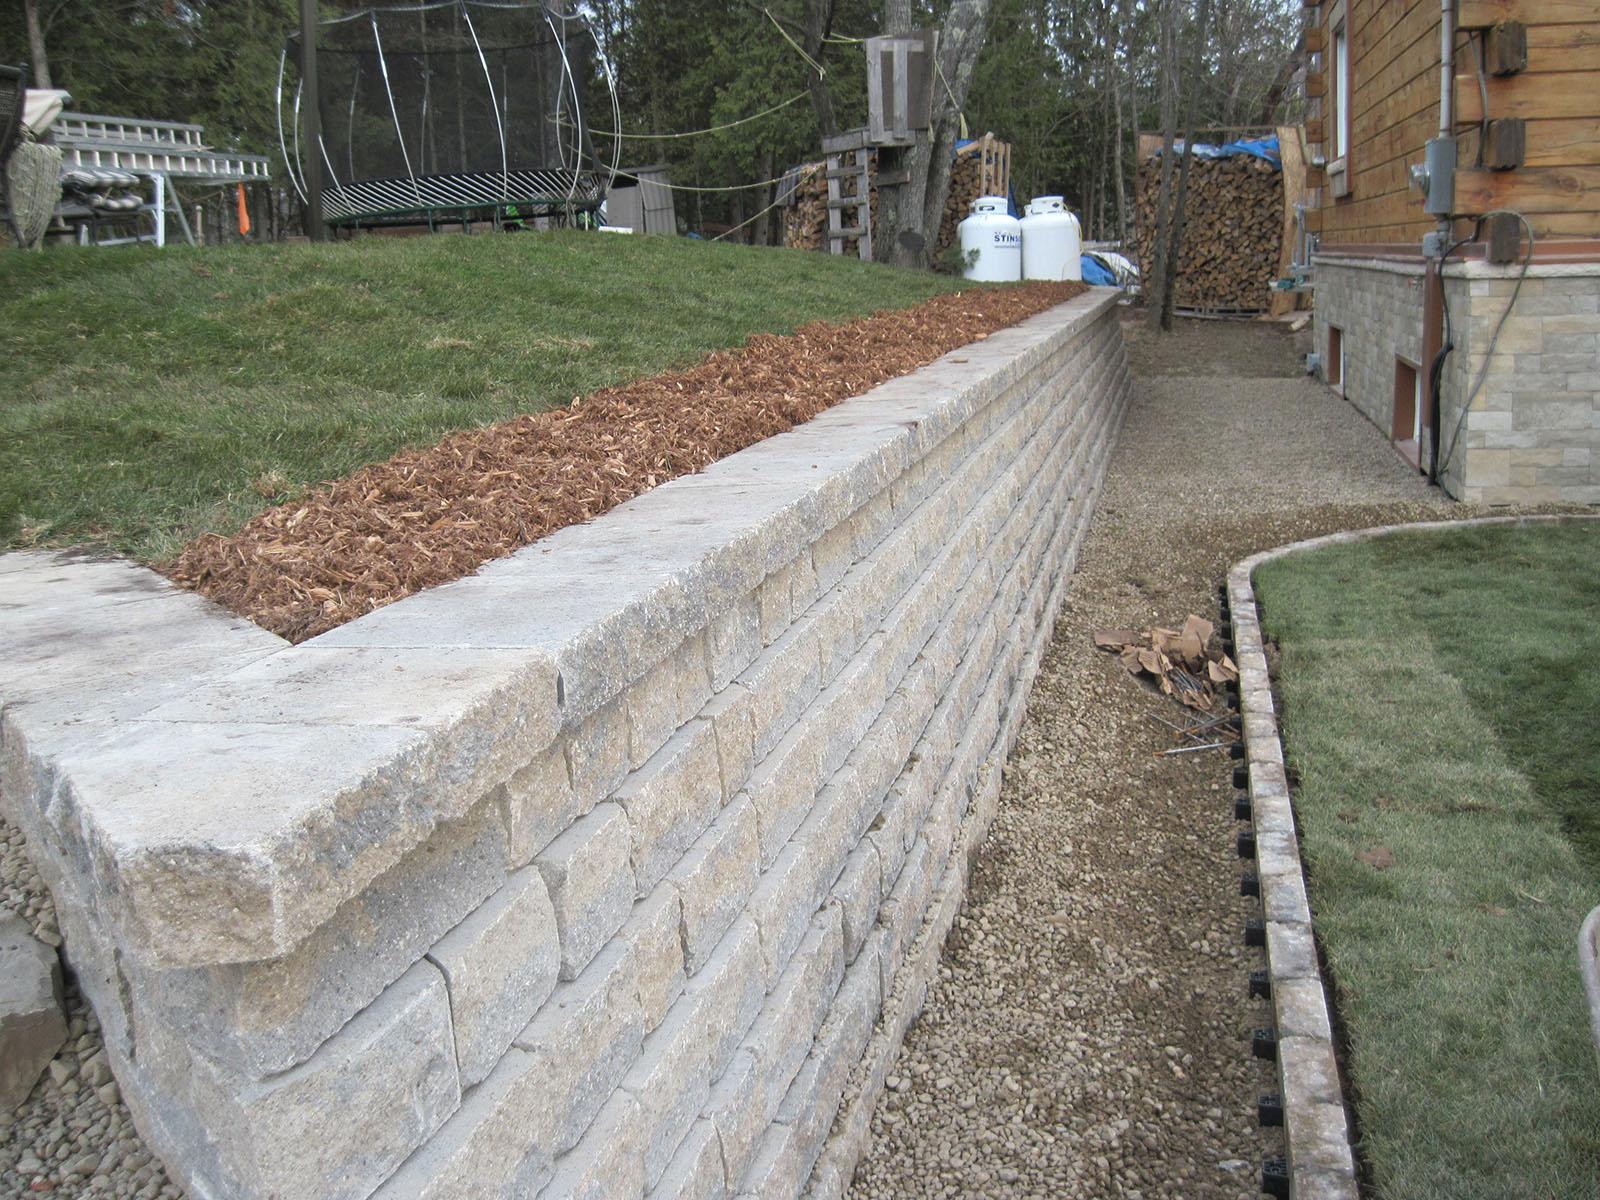 Mur de soutènement example 8